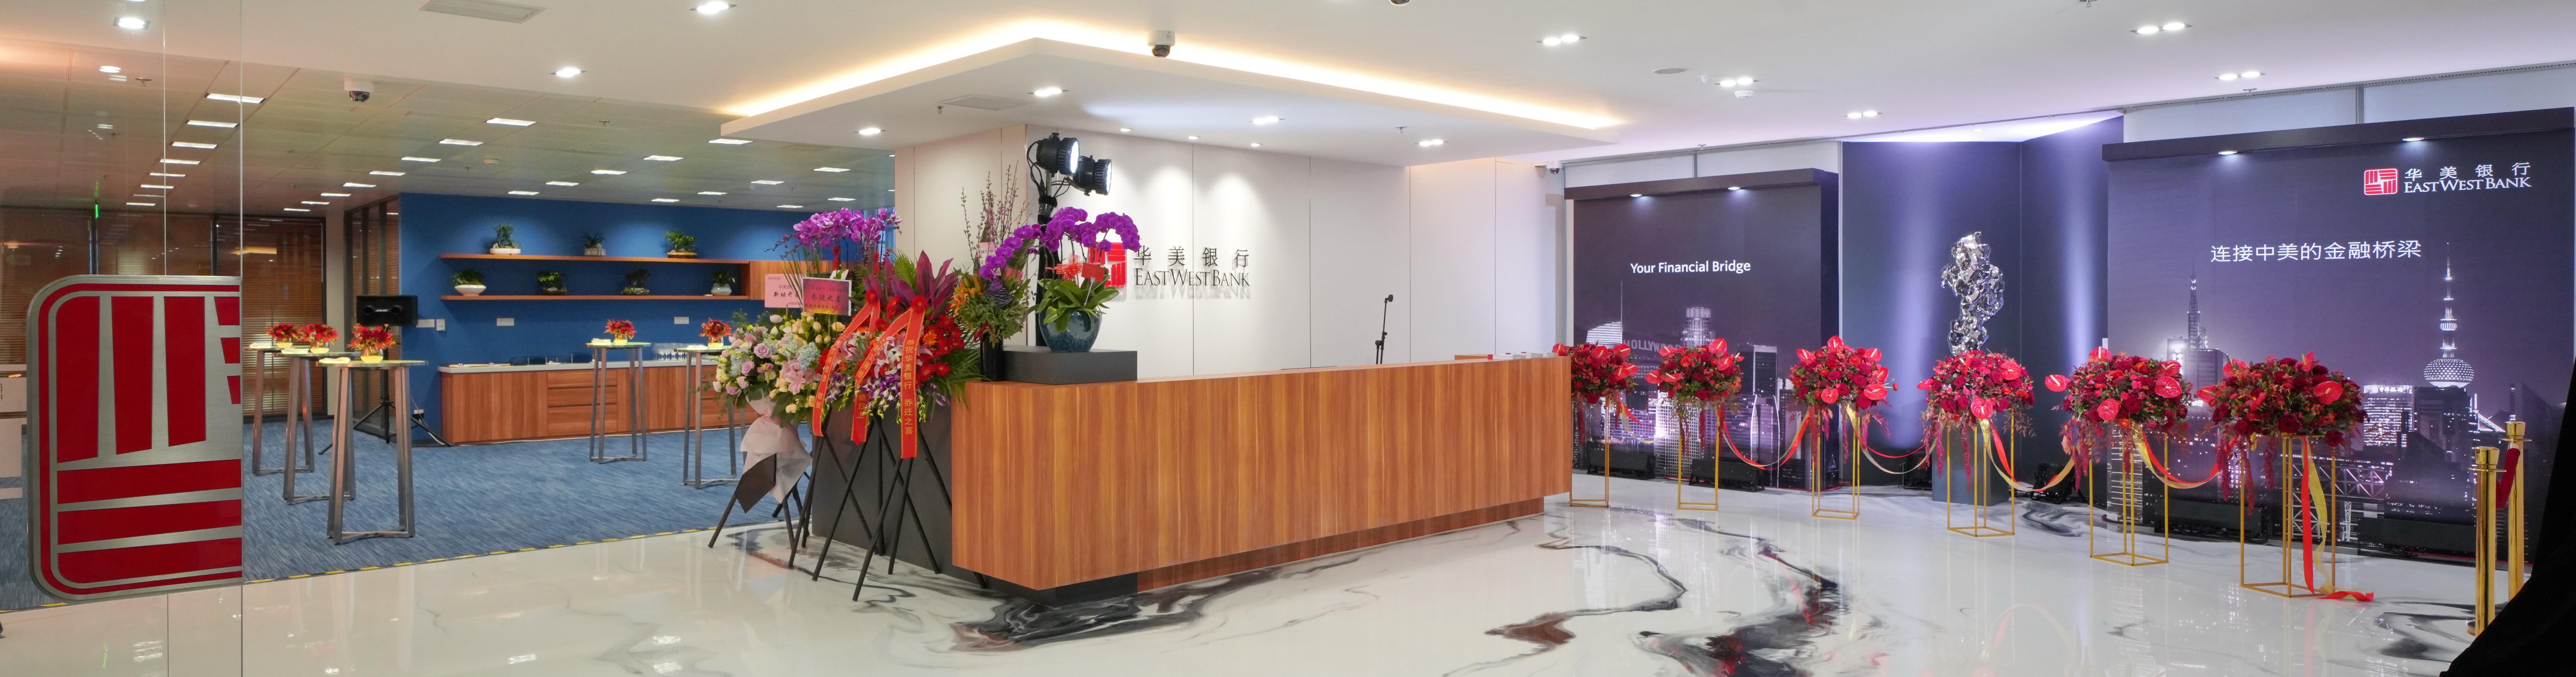 华美银行(中国)有限公司举行乔迁庆典